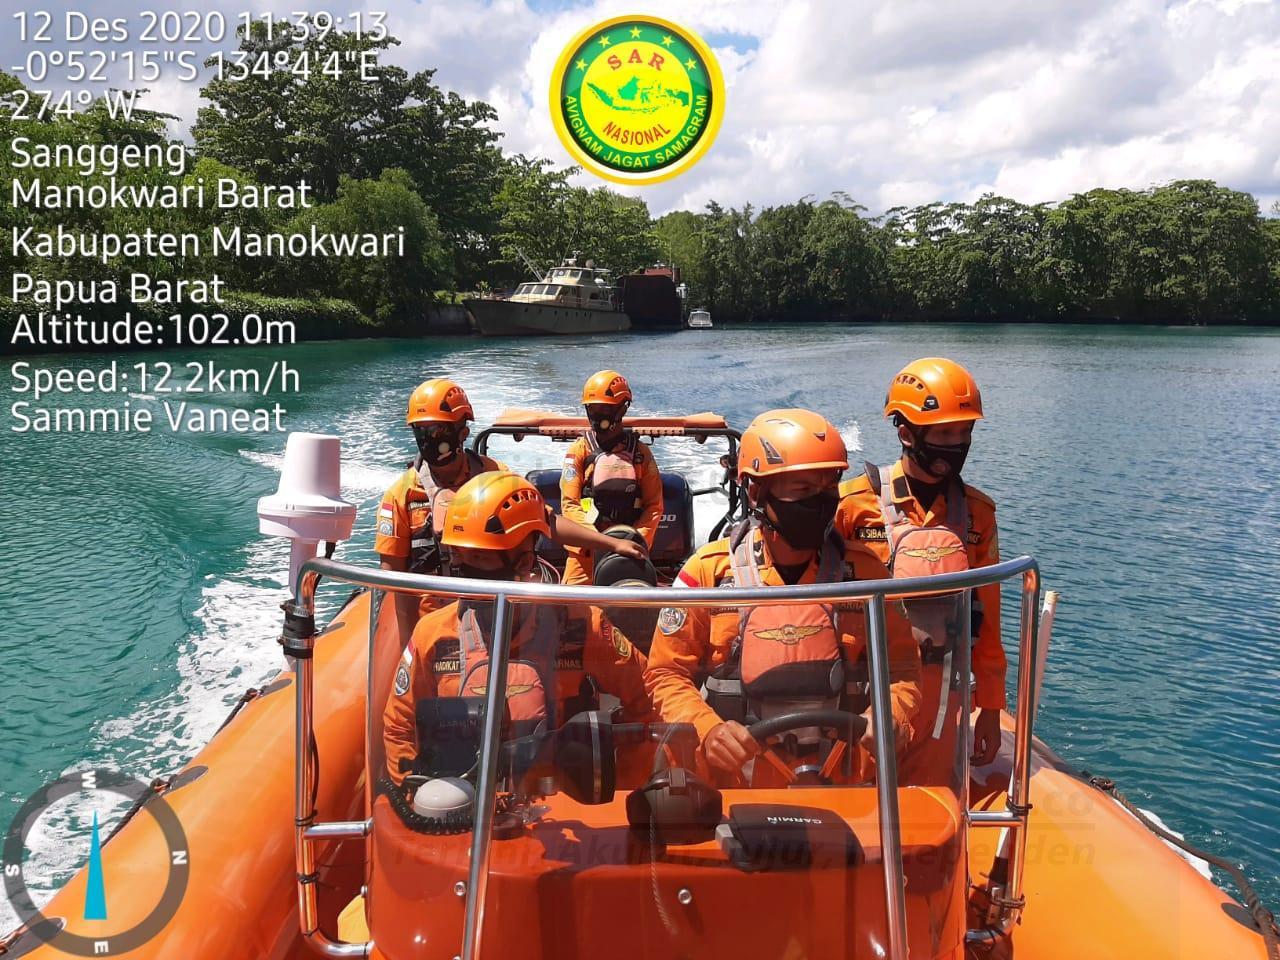 Basarnas Manokwari Cari Orang Hilang di Perairan Pulau Kaki 4 IMG 20201212 WA0012